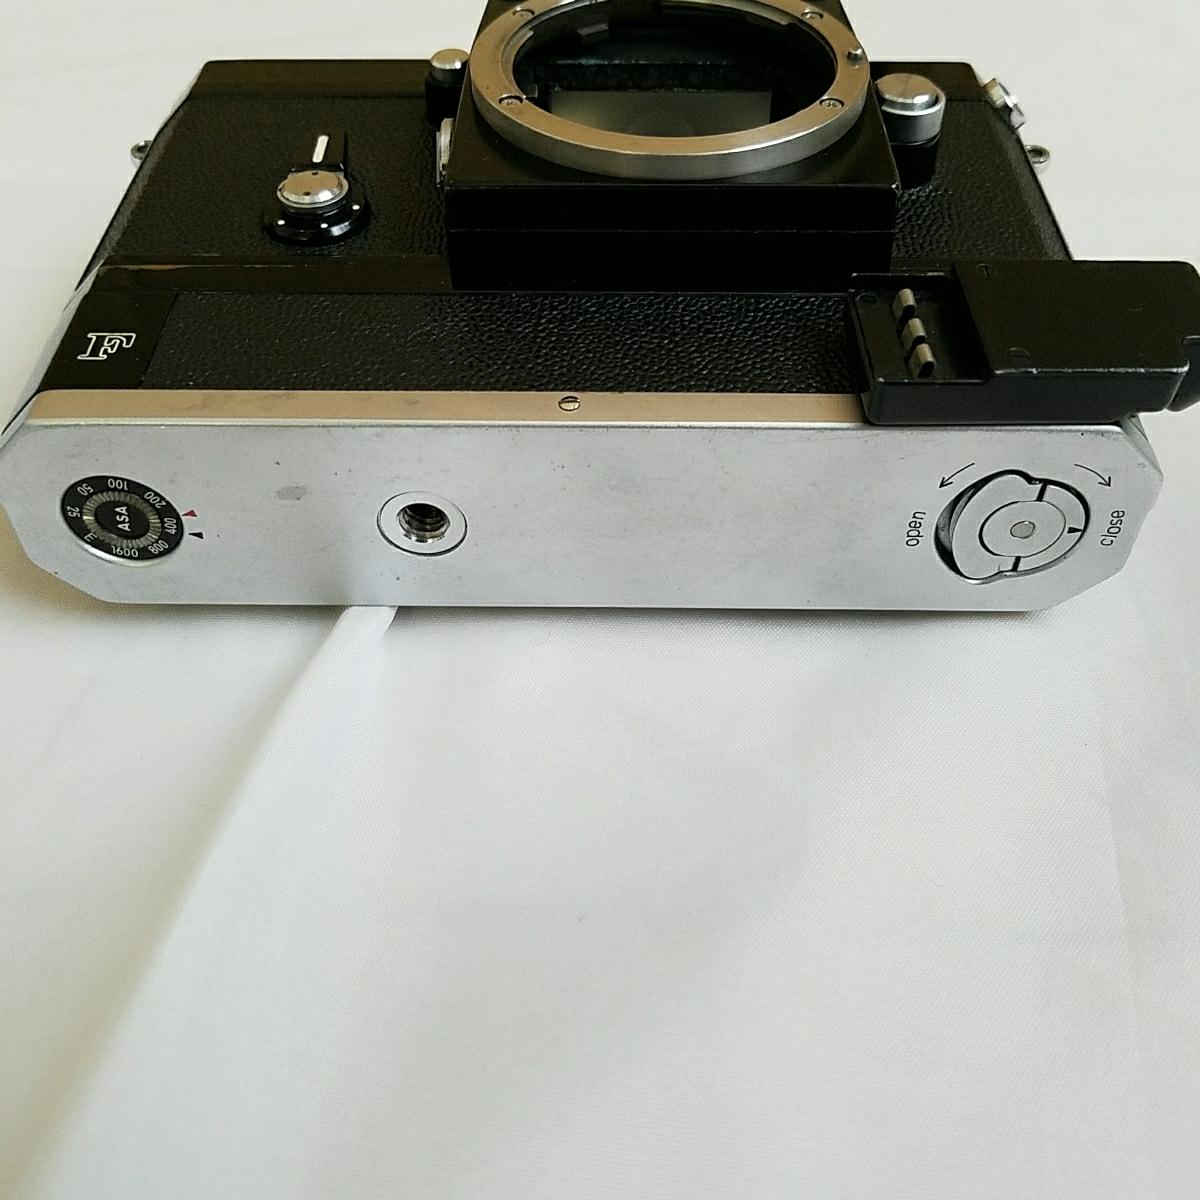 ニコン Nikon F アイレベル F36 MOTOR DRIVE フィルムカメラ_画像8